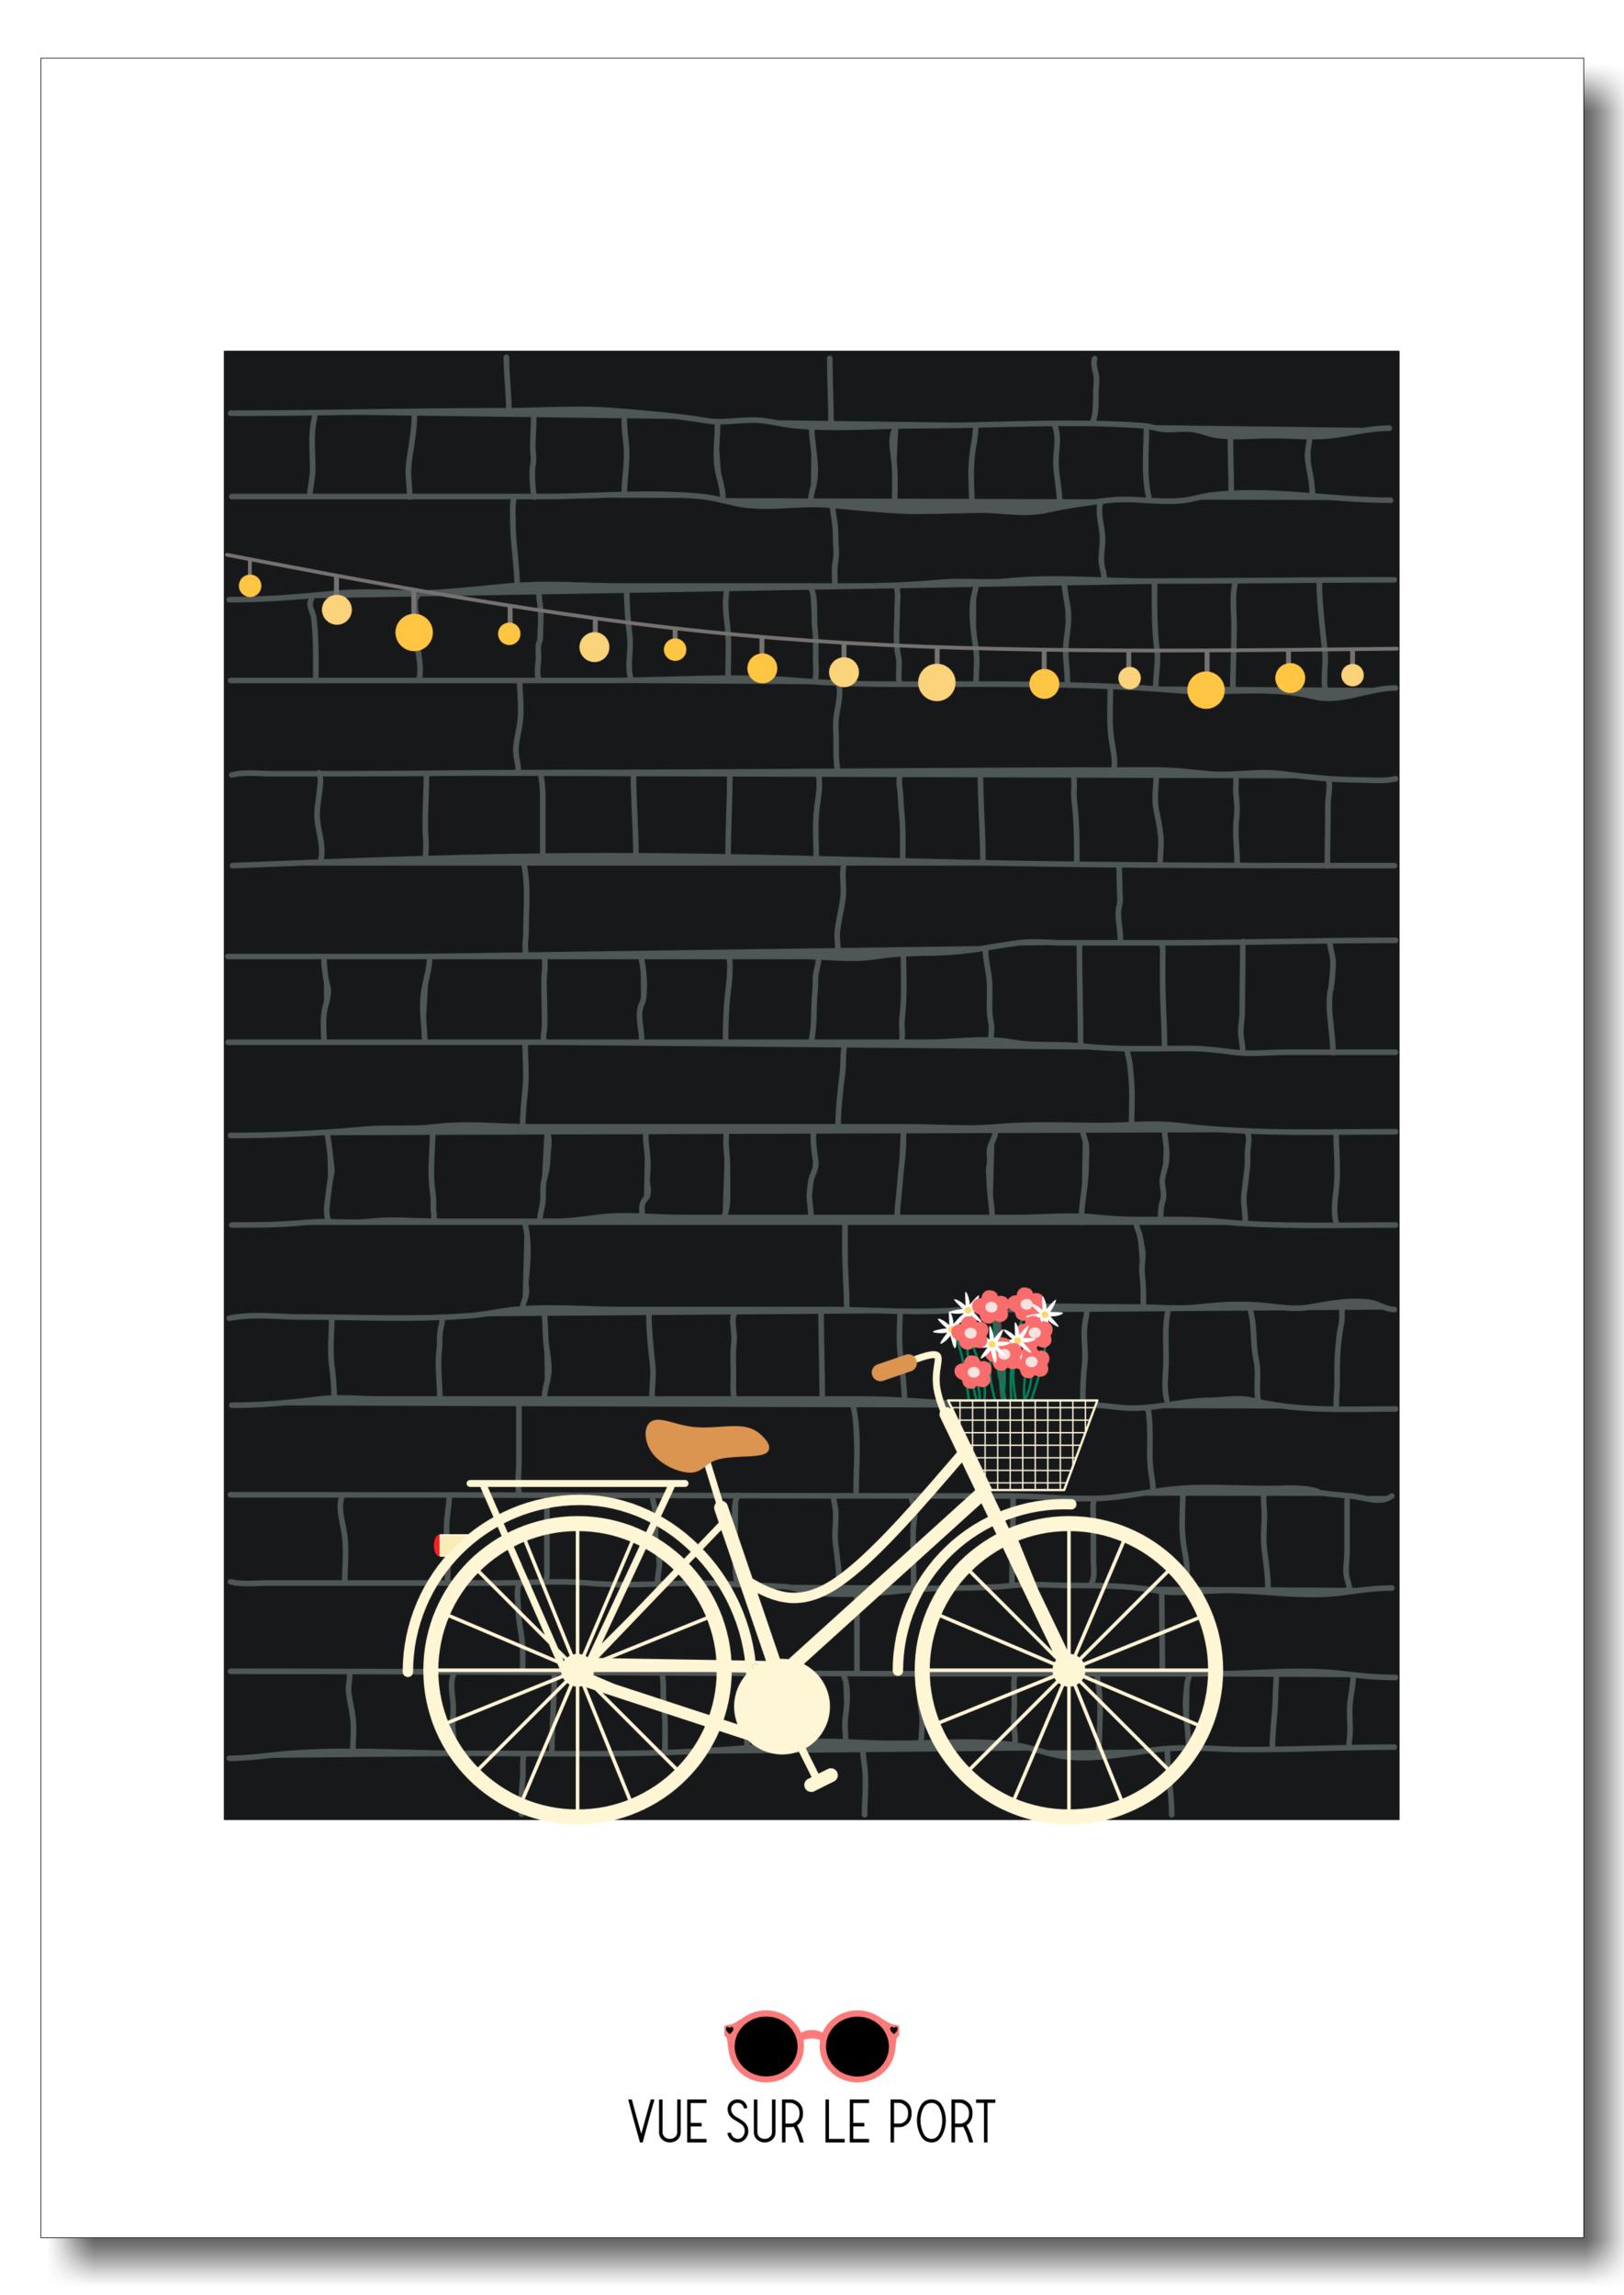 Affiche vélo / mur noir / guirlande